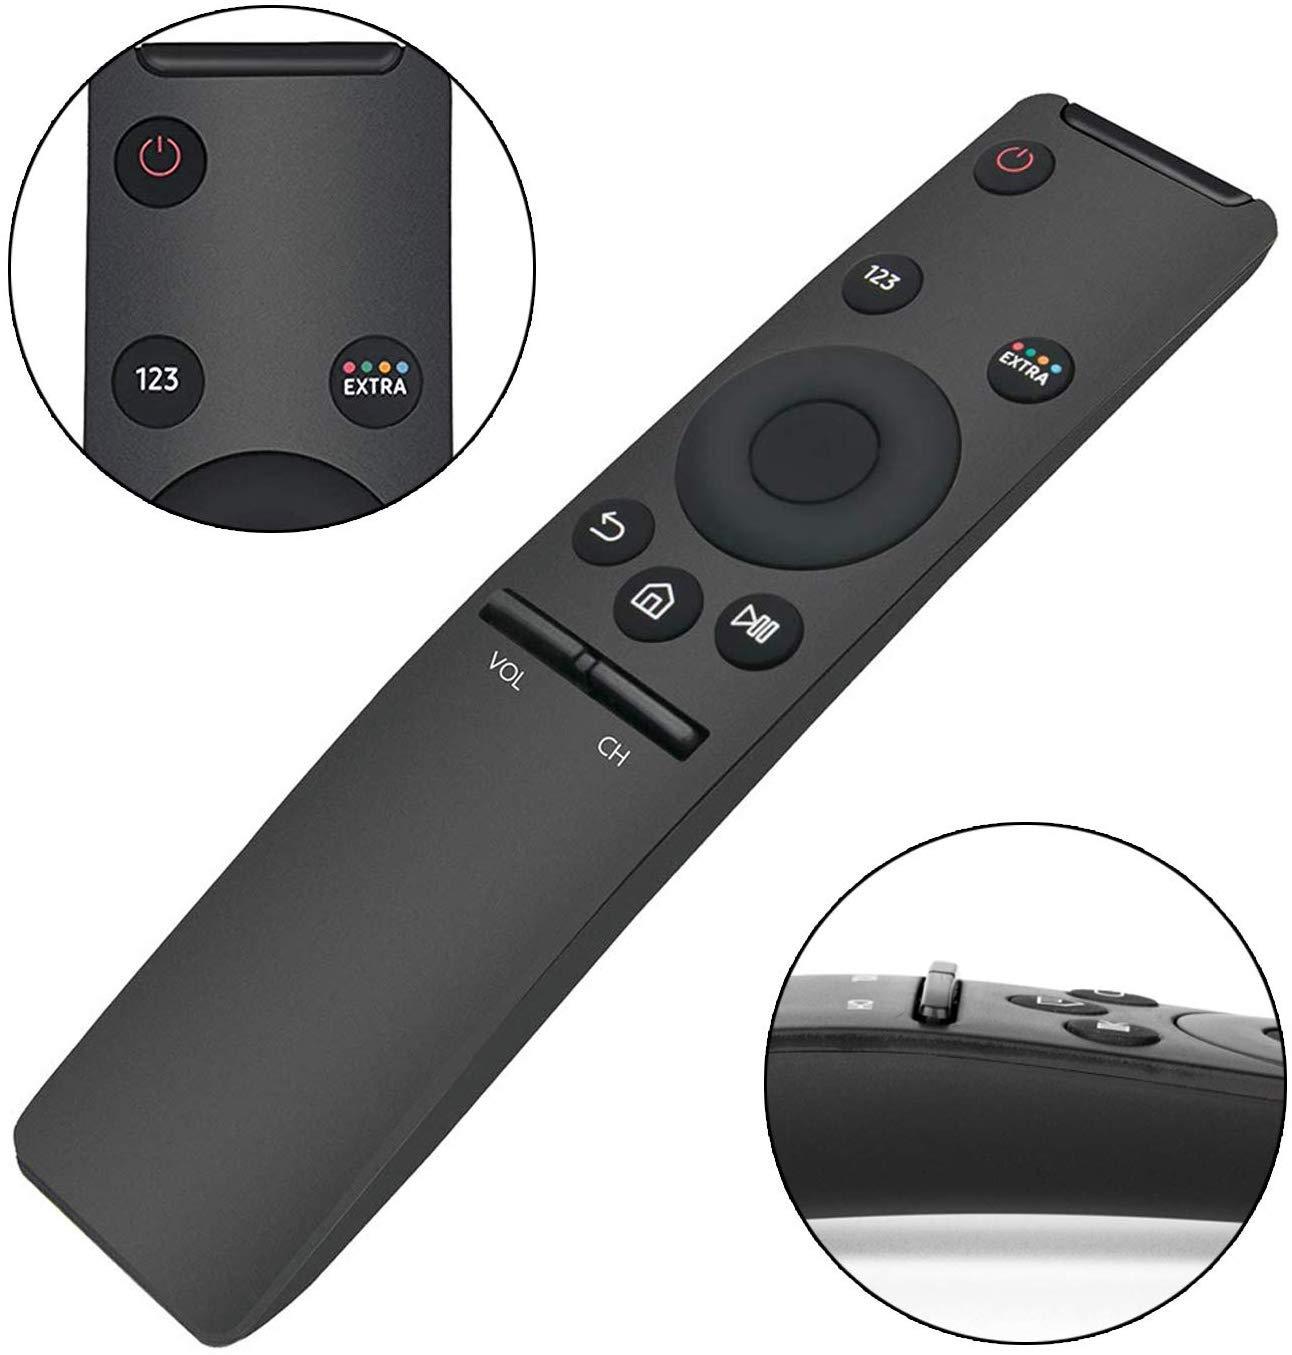 BN59-01259E - Mando a Distancia de Repuesto para televisores Samsung LCD, LED, HDTV, 3D, Smart TV: Amazon.es: Electrónica